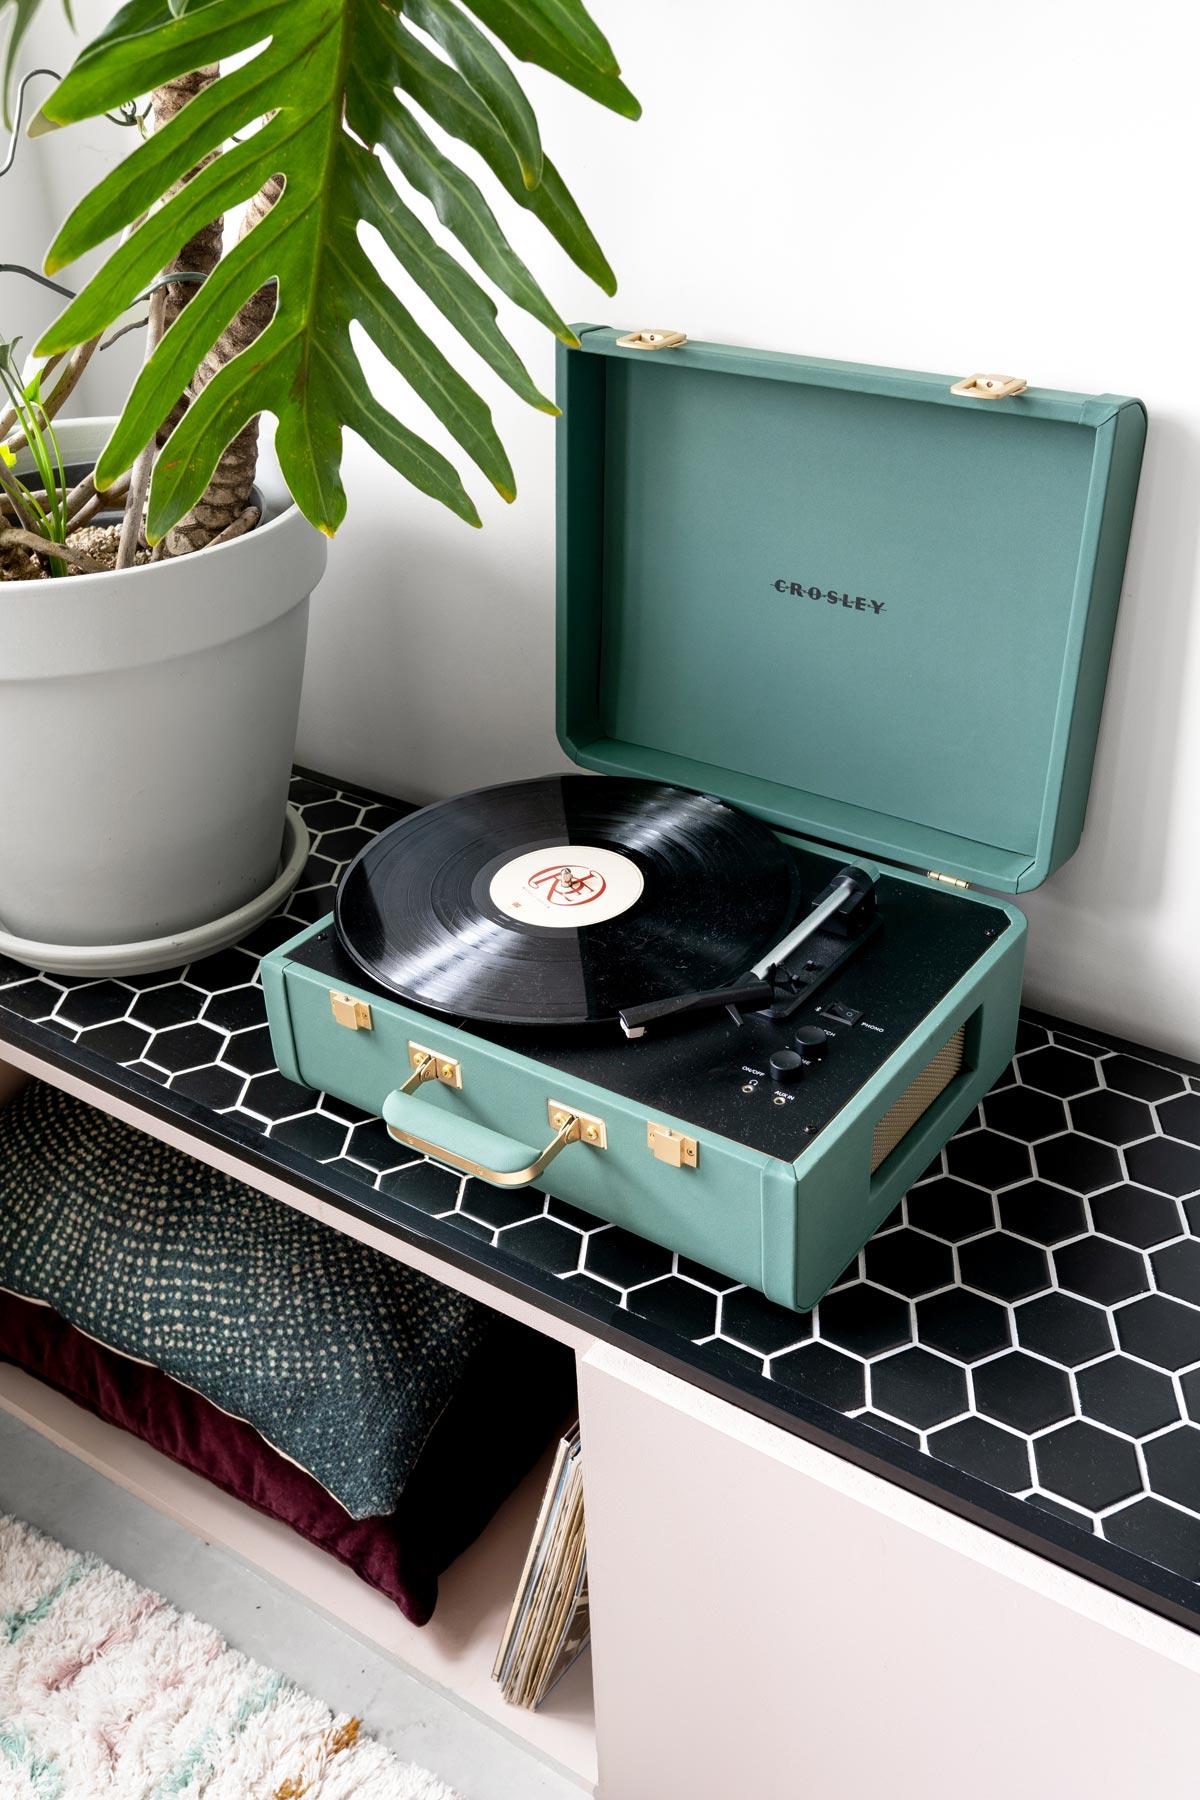 Crosley platenspeler vintage koffer - Tanja van Hoogdalem